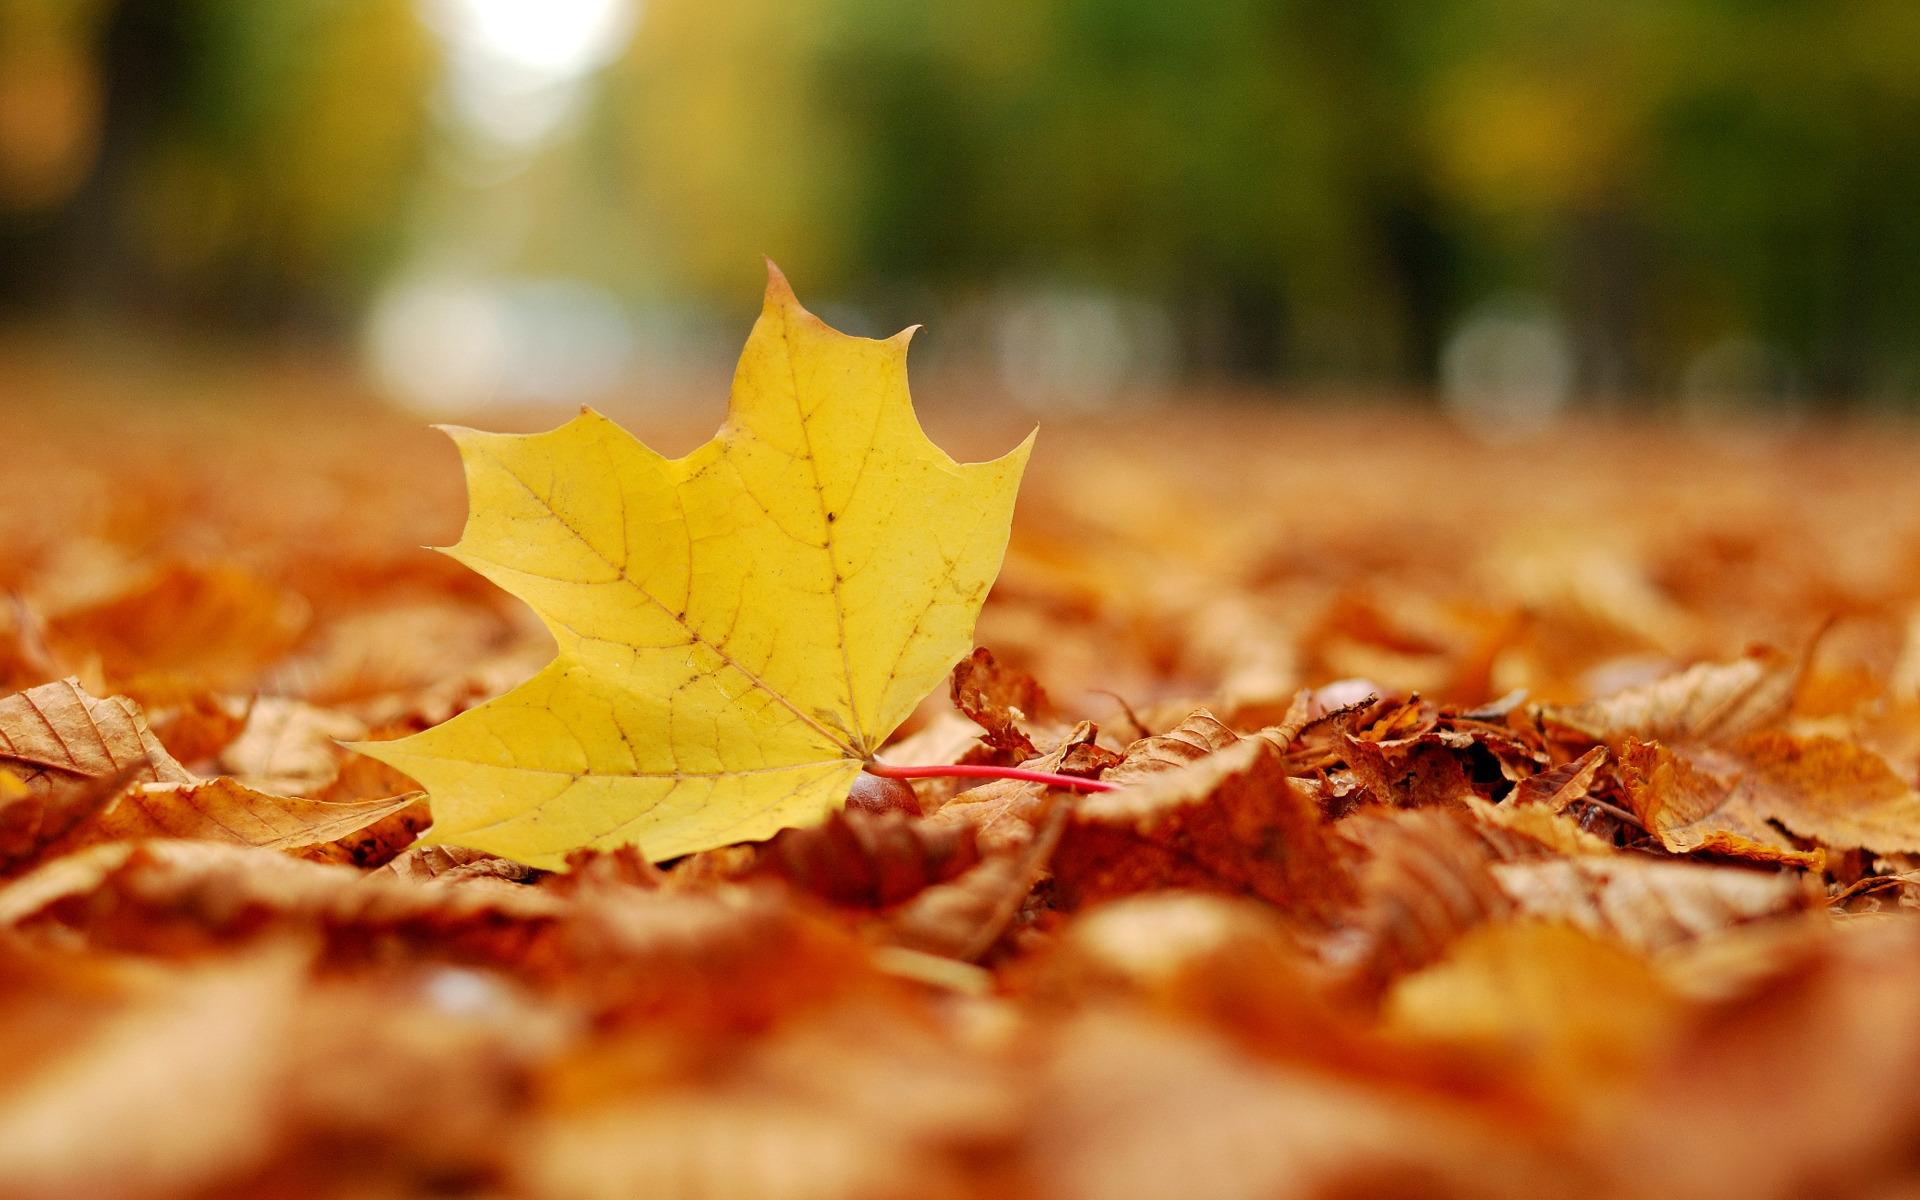 Hình nền : Ánh sáng mặt trời, thiên nhiên, nhiếp ảnh, chi nhánh, màu vàng, Mùa thu, Lá, cây phong, thực vật, Hệ thực vật, Nhà máy đất, thực vật có hoa, ...